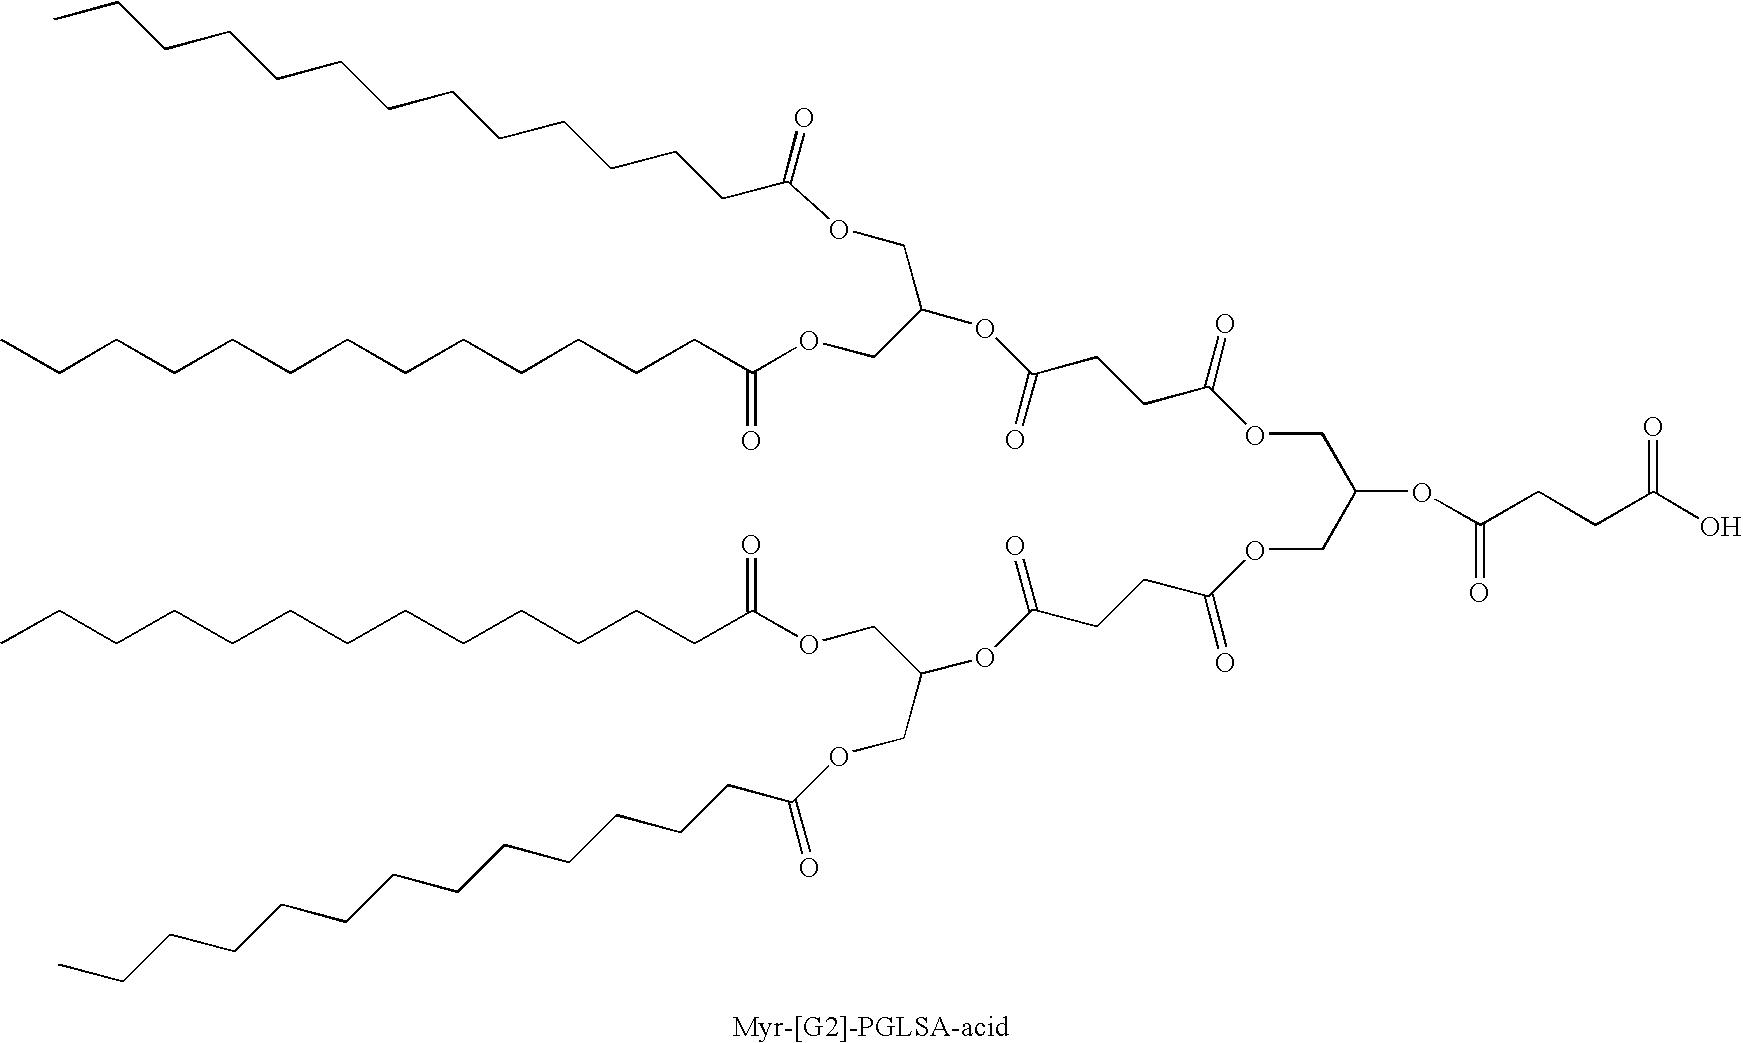 Figure US20040086479A1-20040506-C00004